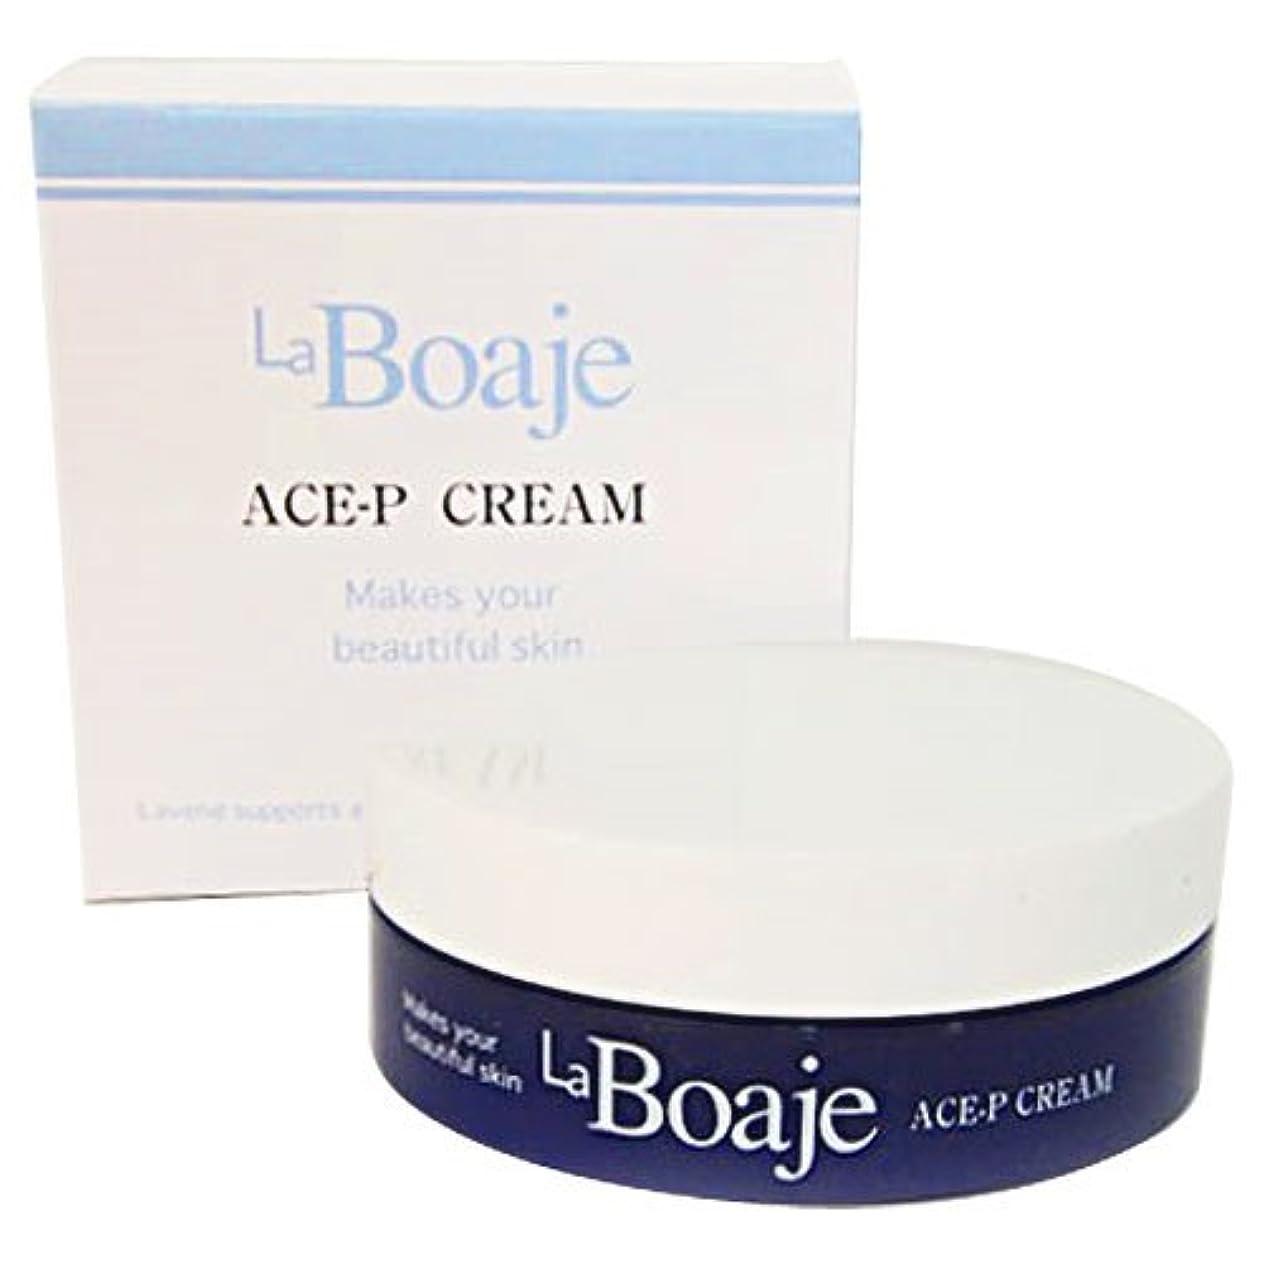 刺激するおとこスパイラルラボアジェ ACE-Pクリーム 30g